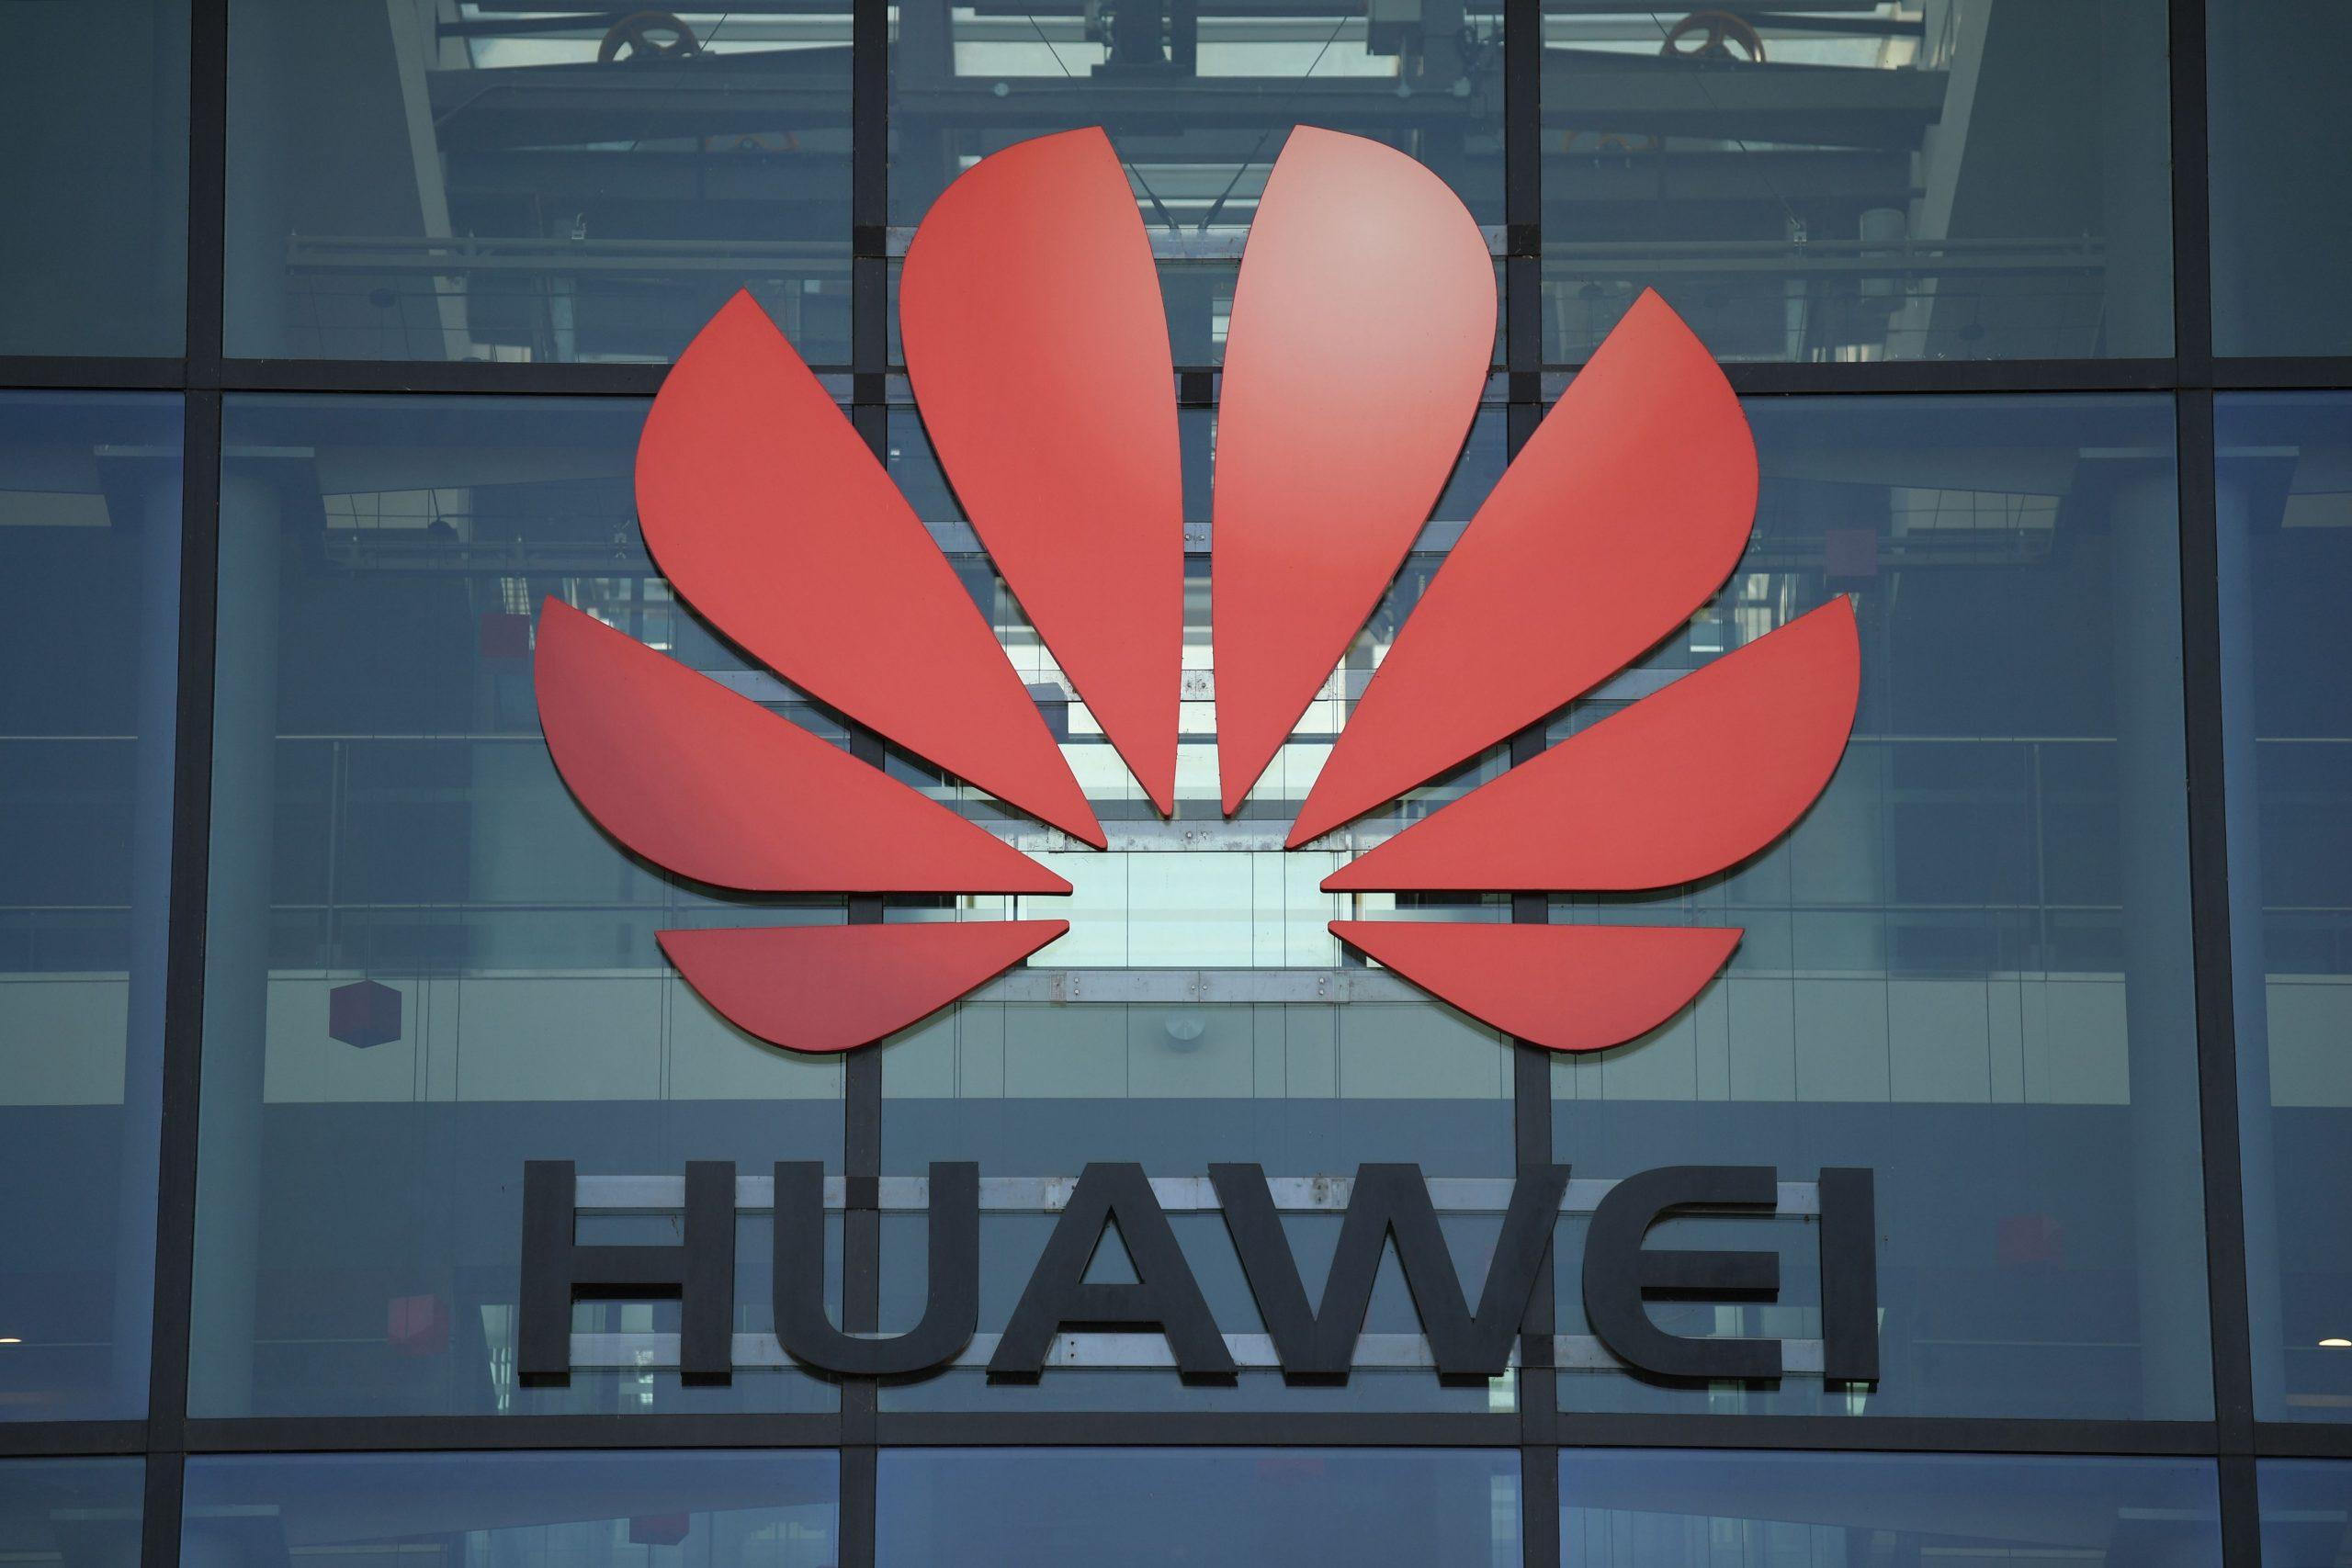 Trotz Spionage-Vorwürfen: Huawei darf bei 5G-Ausbau in Großbritannien mitmischen